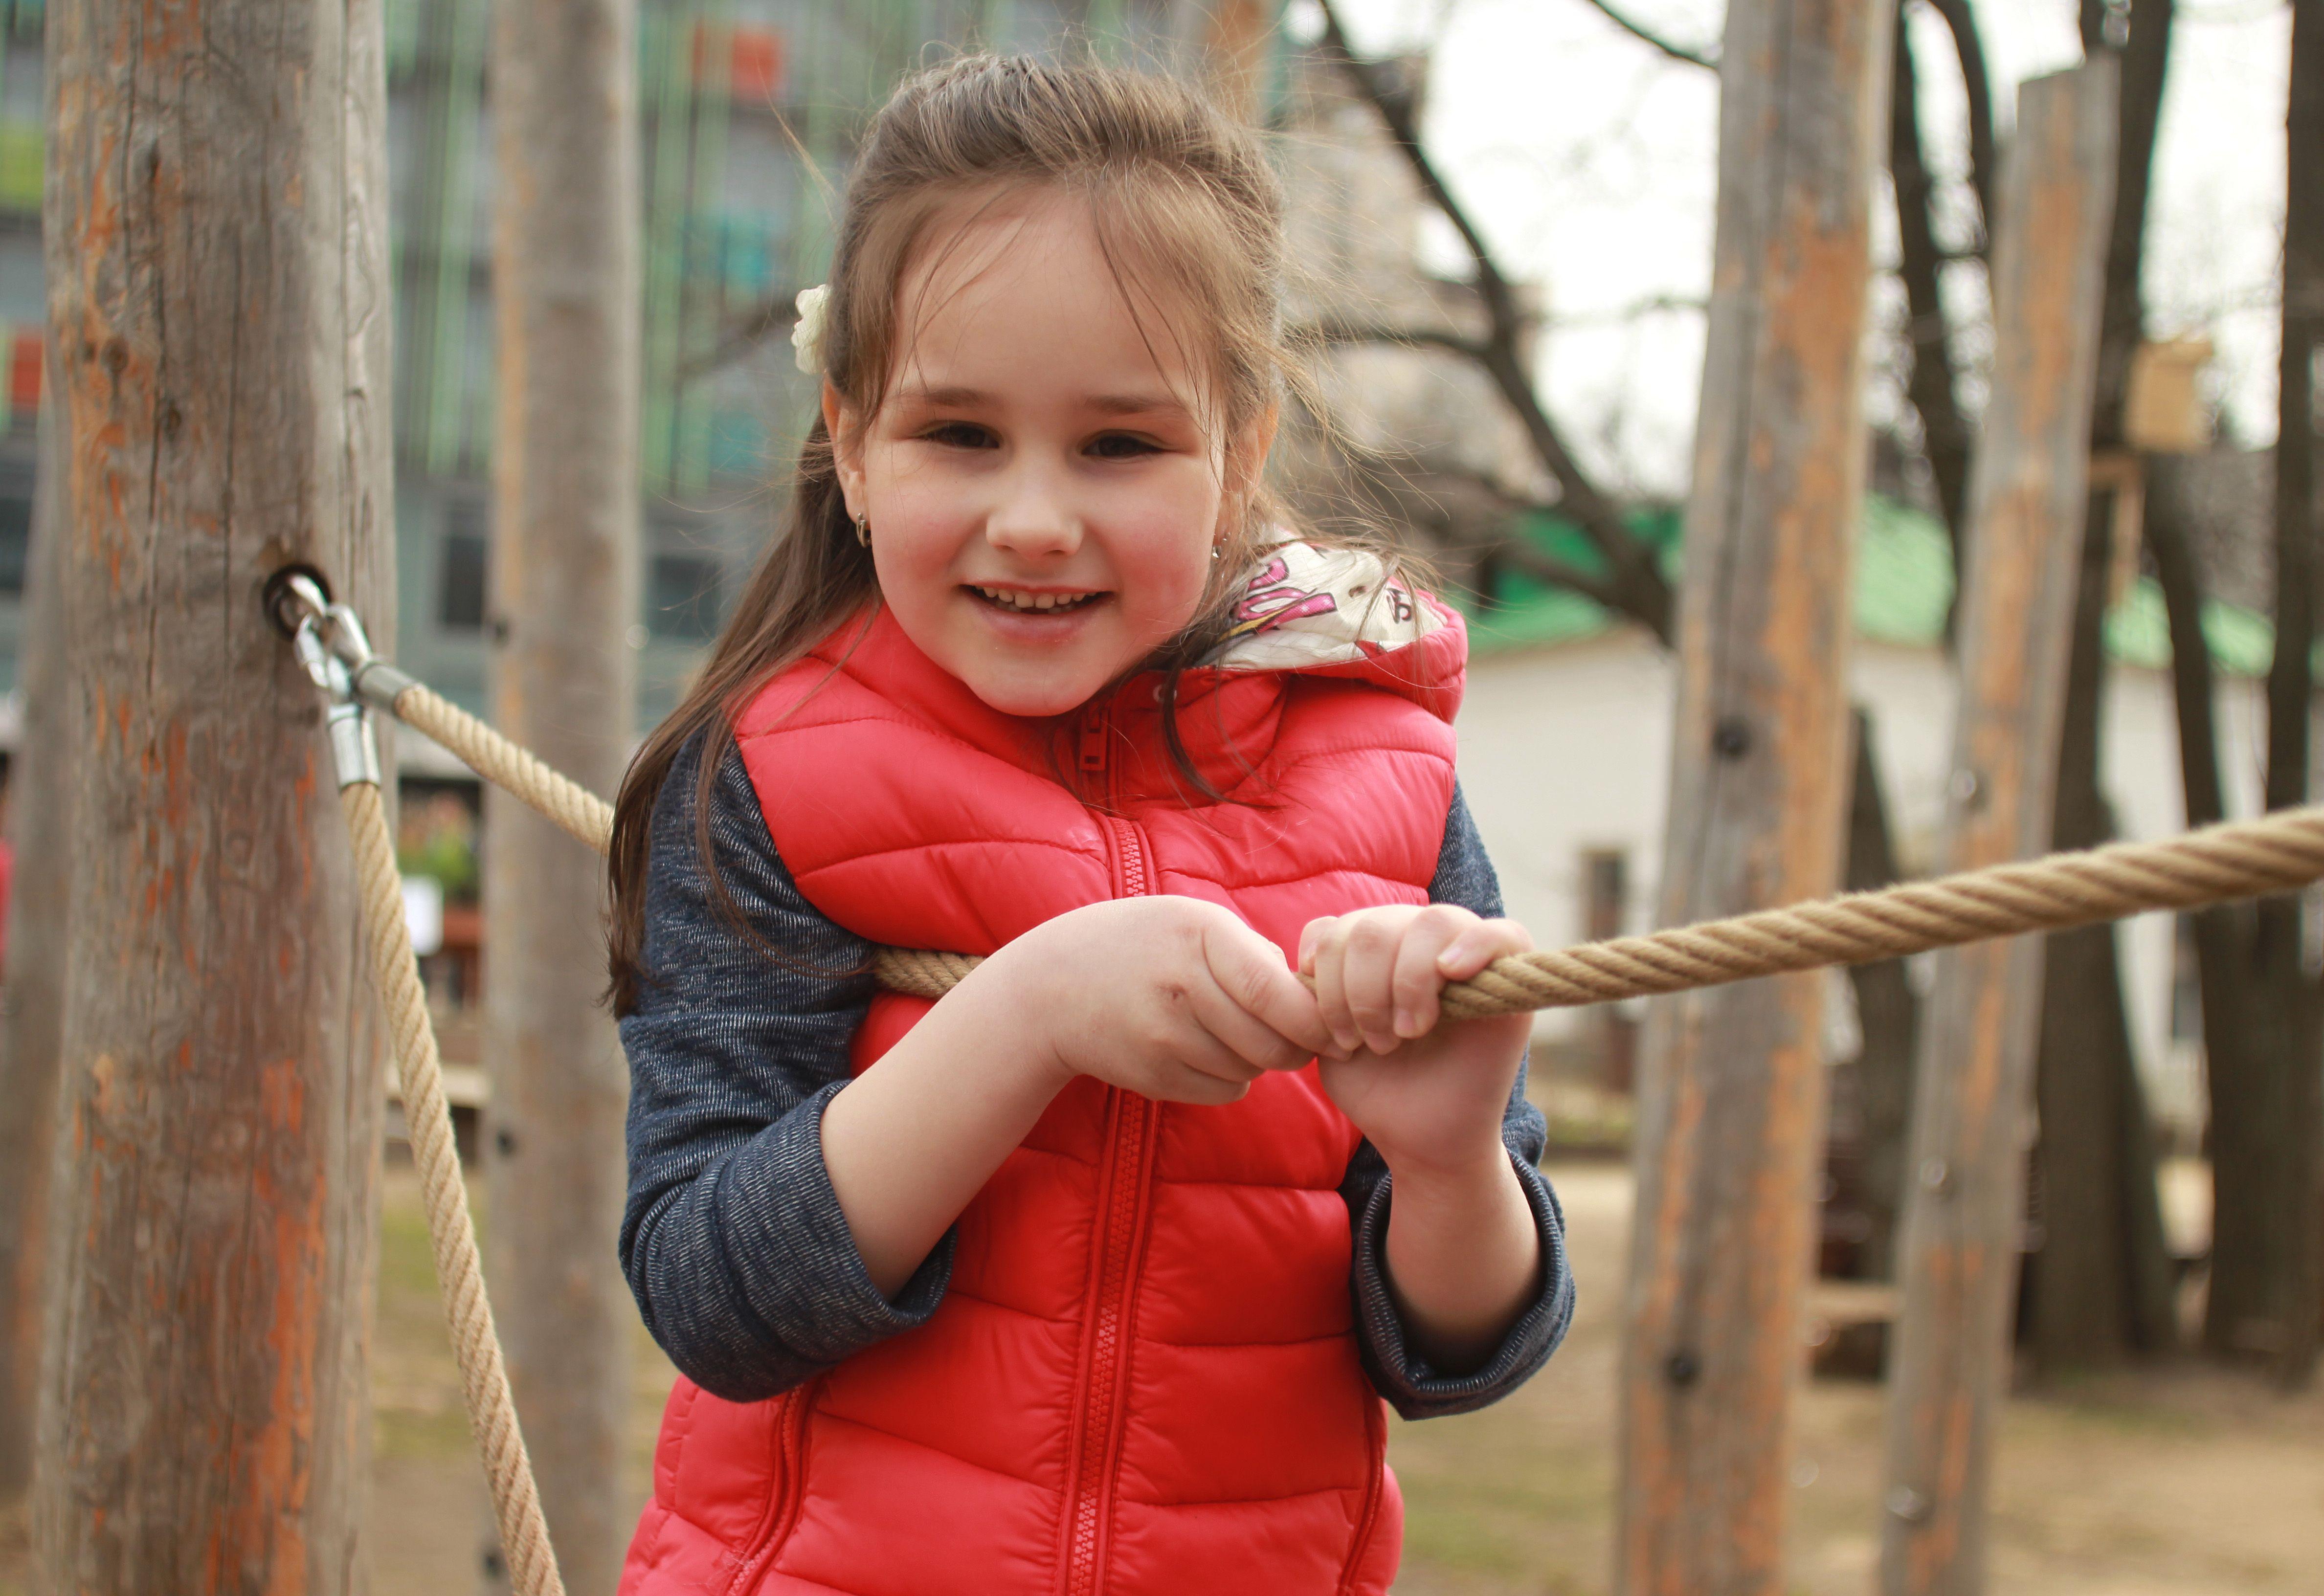 Депутат из Роговского организует квест для детей